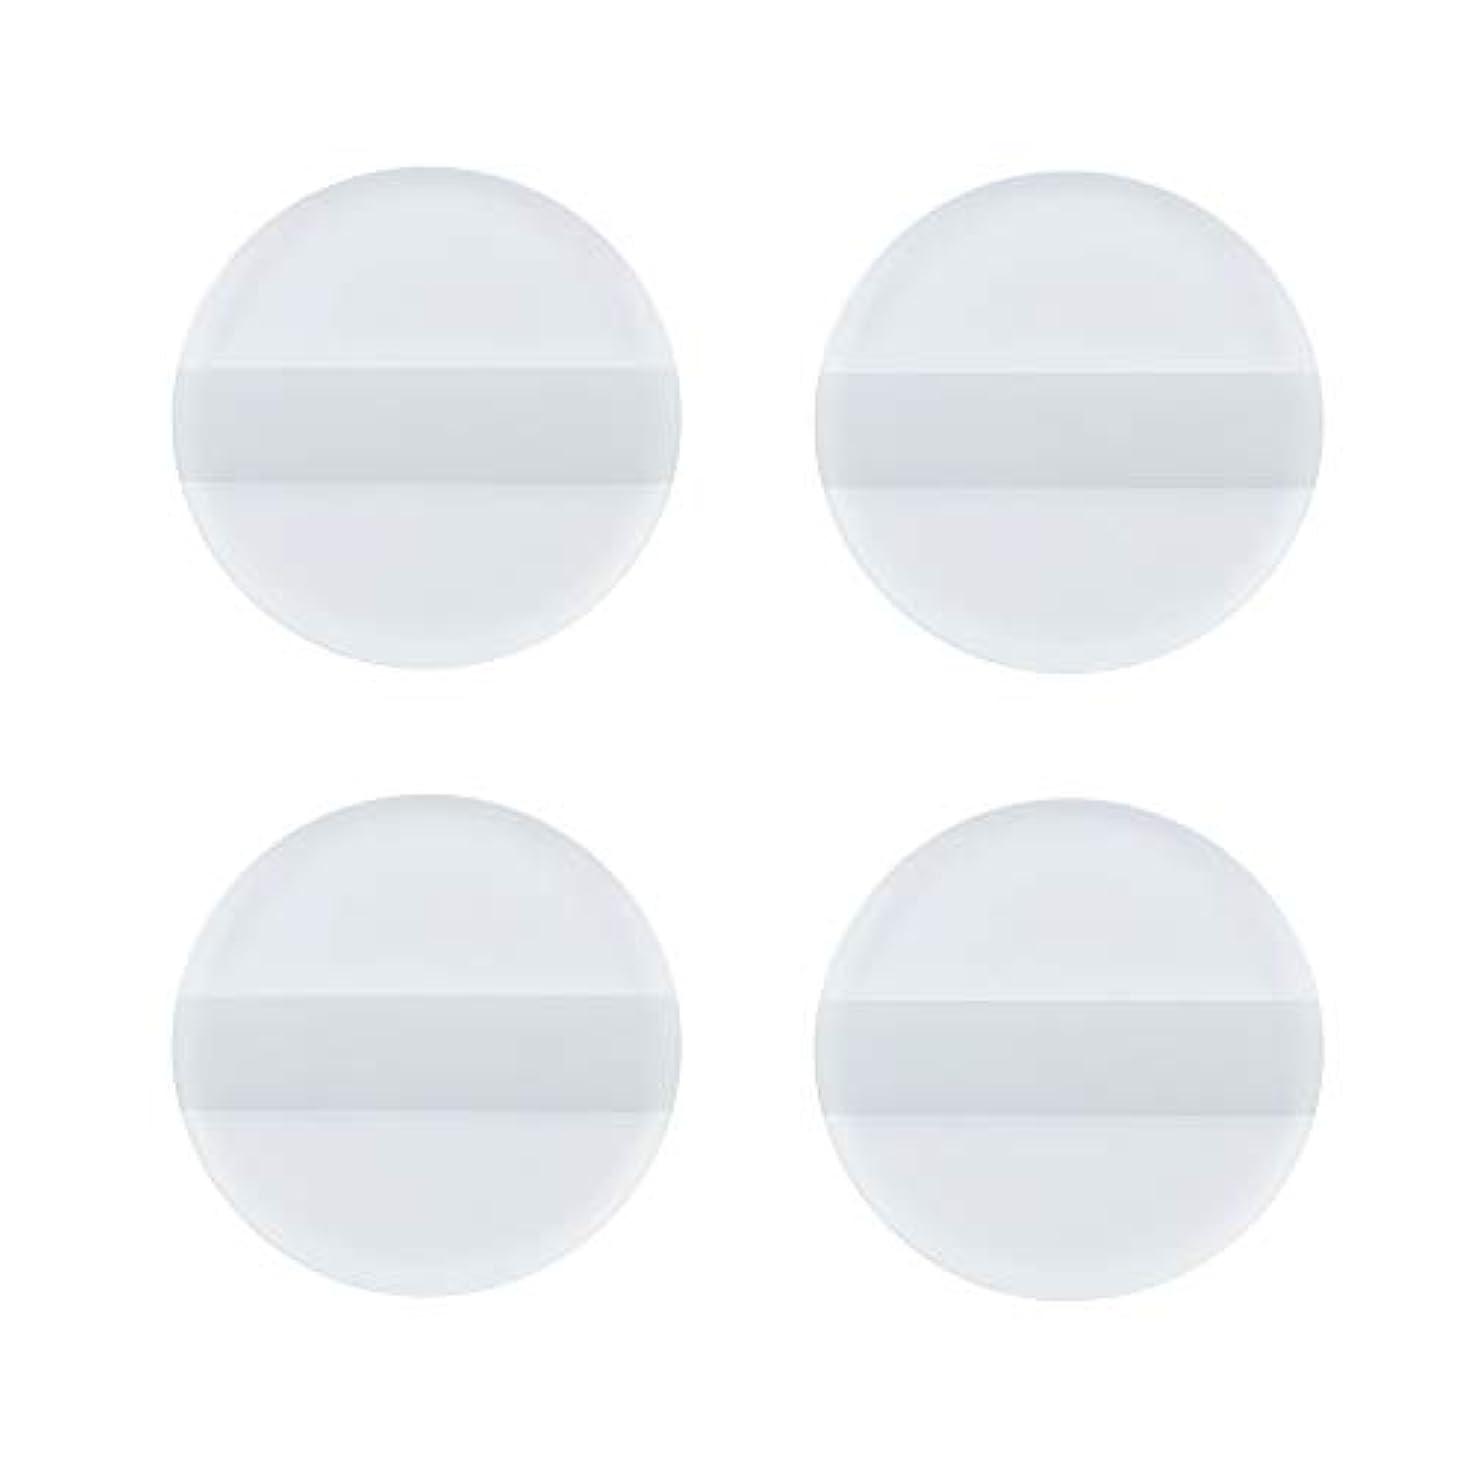 群がる命令リードSHARE BEAUTY シリコンパフ ゲルパフ ゼリーパフ 4枚入り 円形 柔らかい 透明 軽量 コンパクト ファンデーション吸収しない 化粧品を節約 清潔しやすい 衛生 メイク用 ケース付き